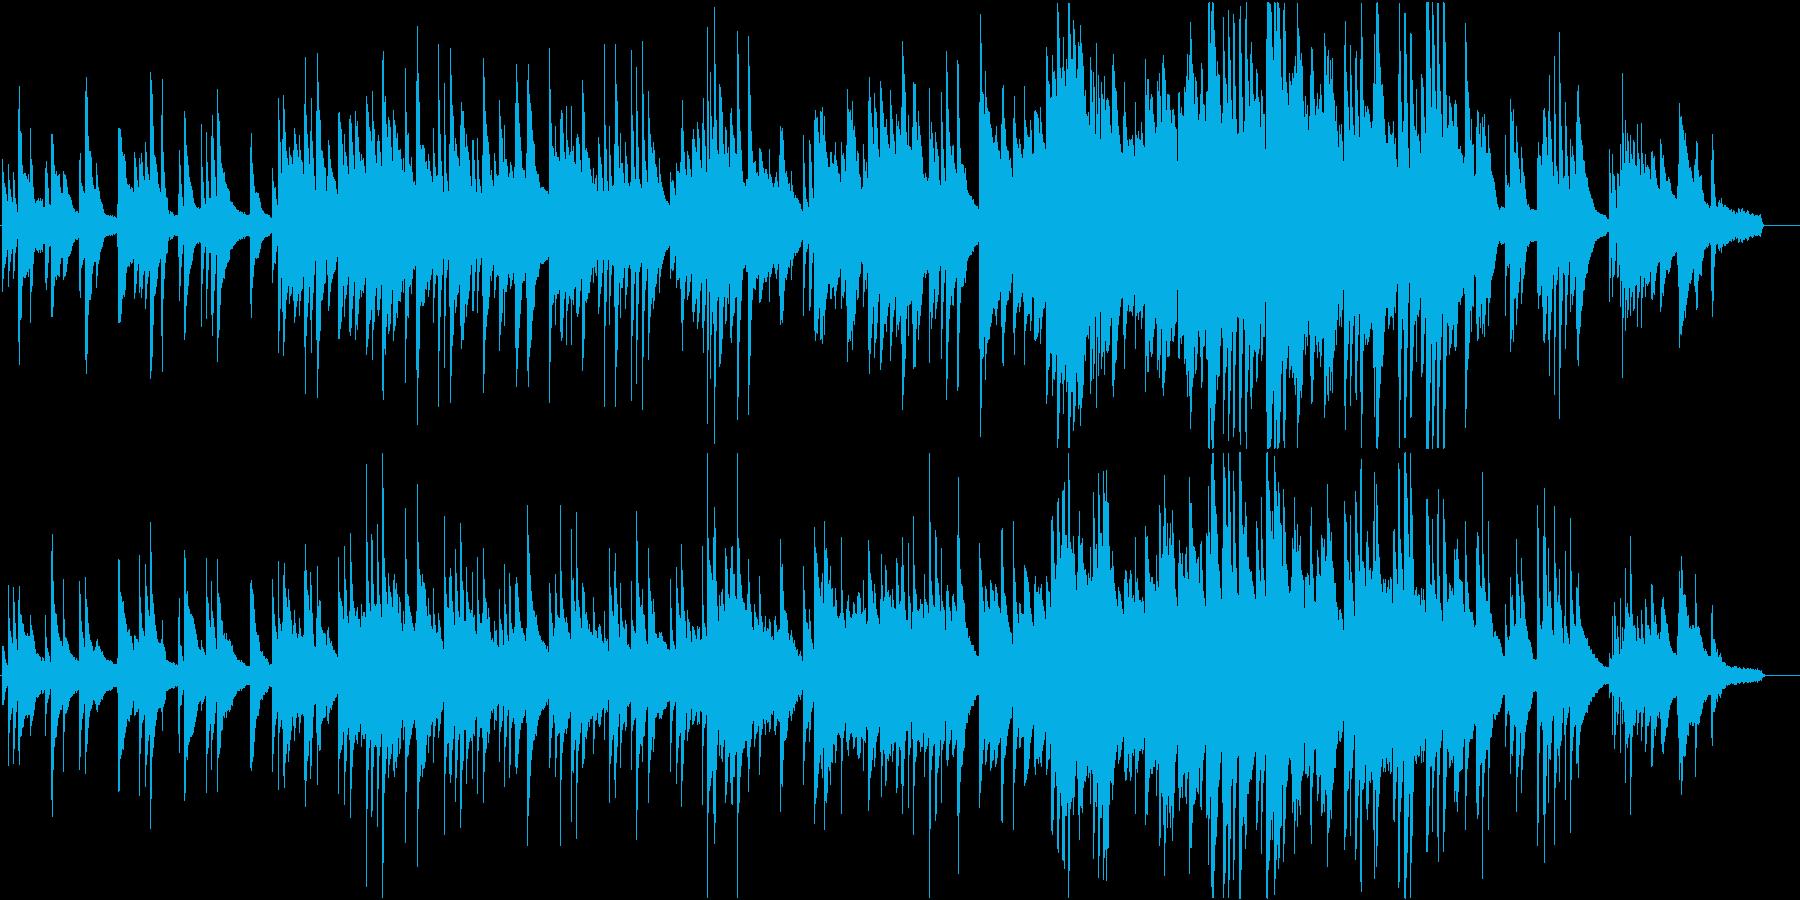 ピュアでほっとするピアノ曲の再生済みの波形